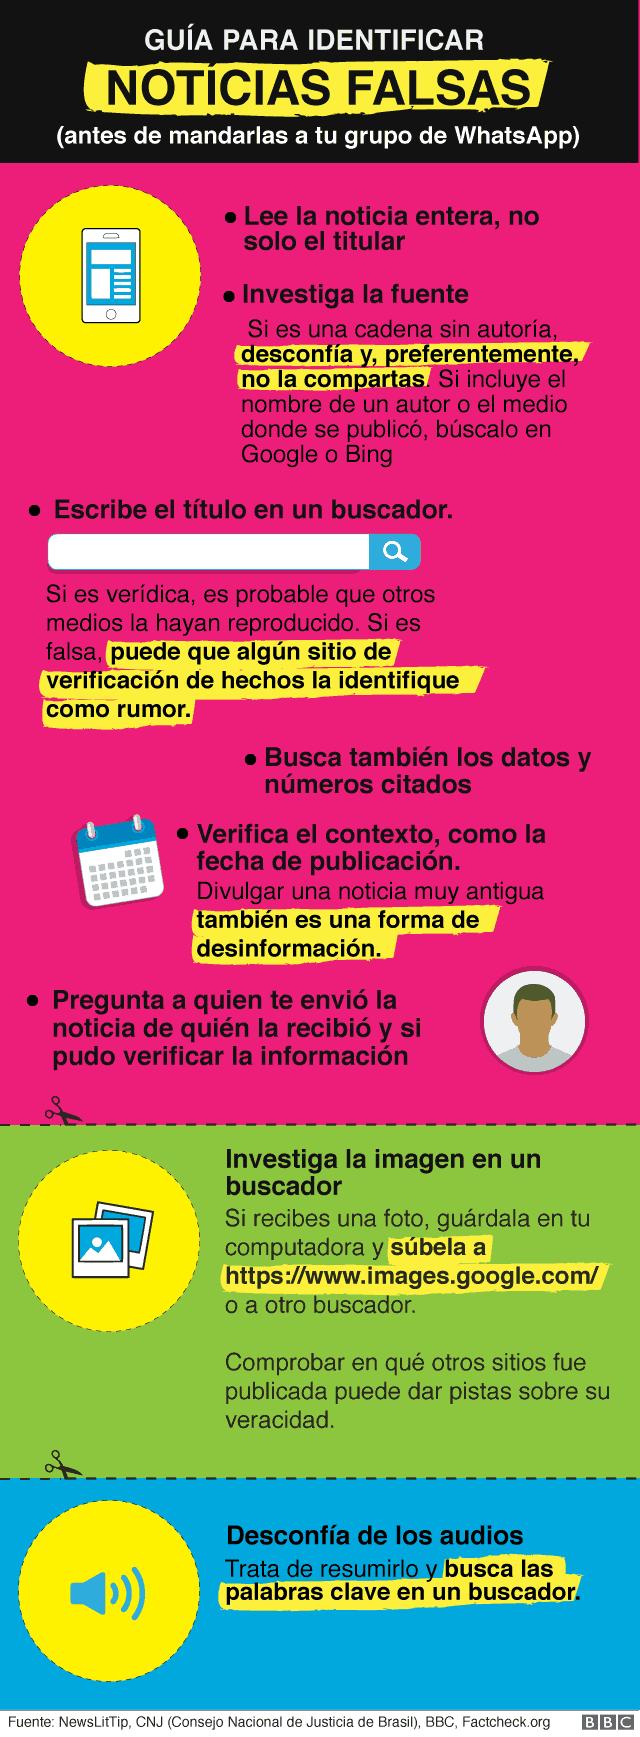 Guía para identificar noticias falsas